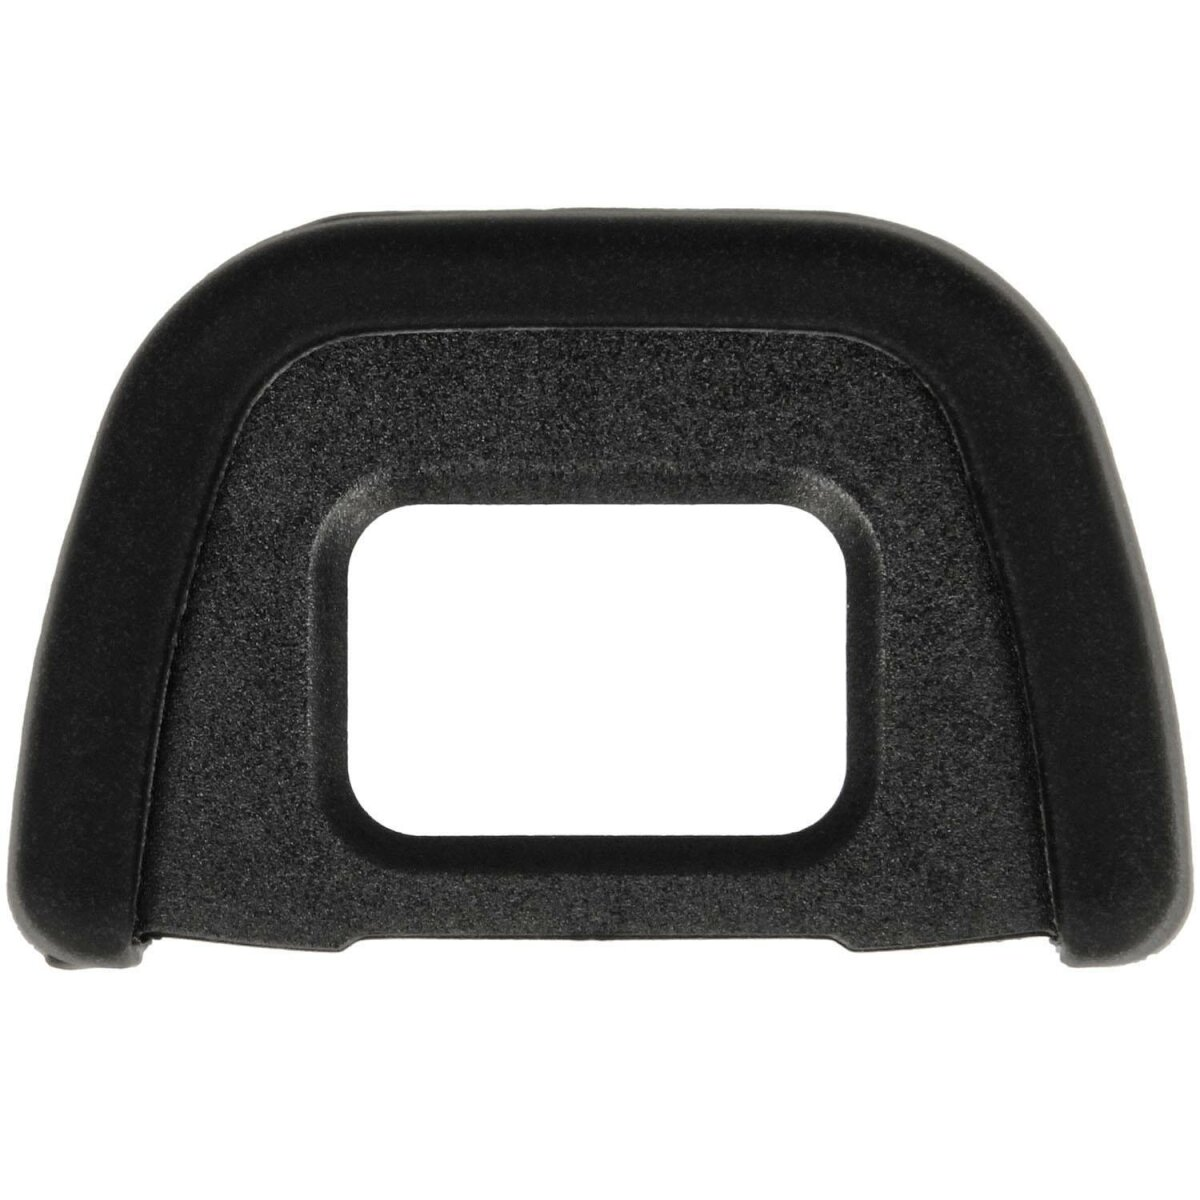 JJC Eyecup EN-1 Augenmuschel | kompatibel mit NikonD7200, D100, D200, D300, D300s, D600, D90, D5000, D5100, D7000, D7100, D610, D750, D80, D70S, D70, D60, F80, F65, F55, FM10